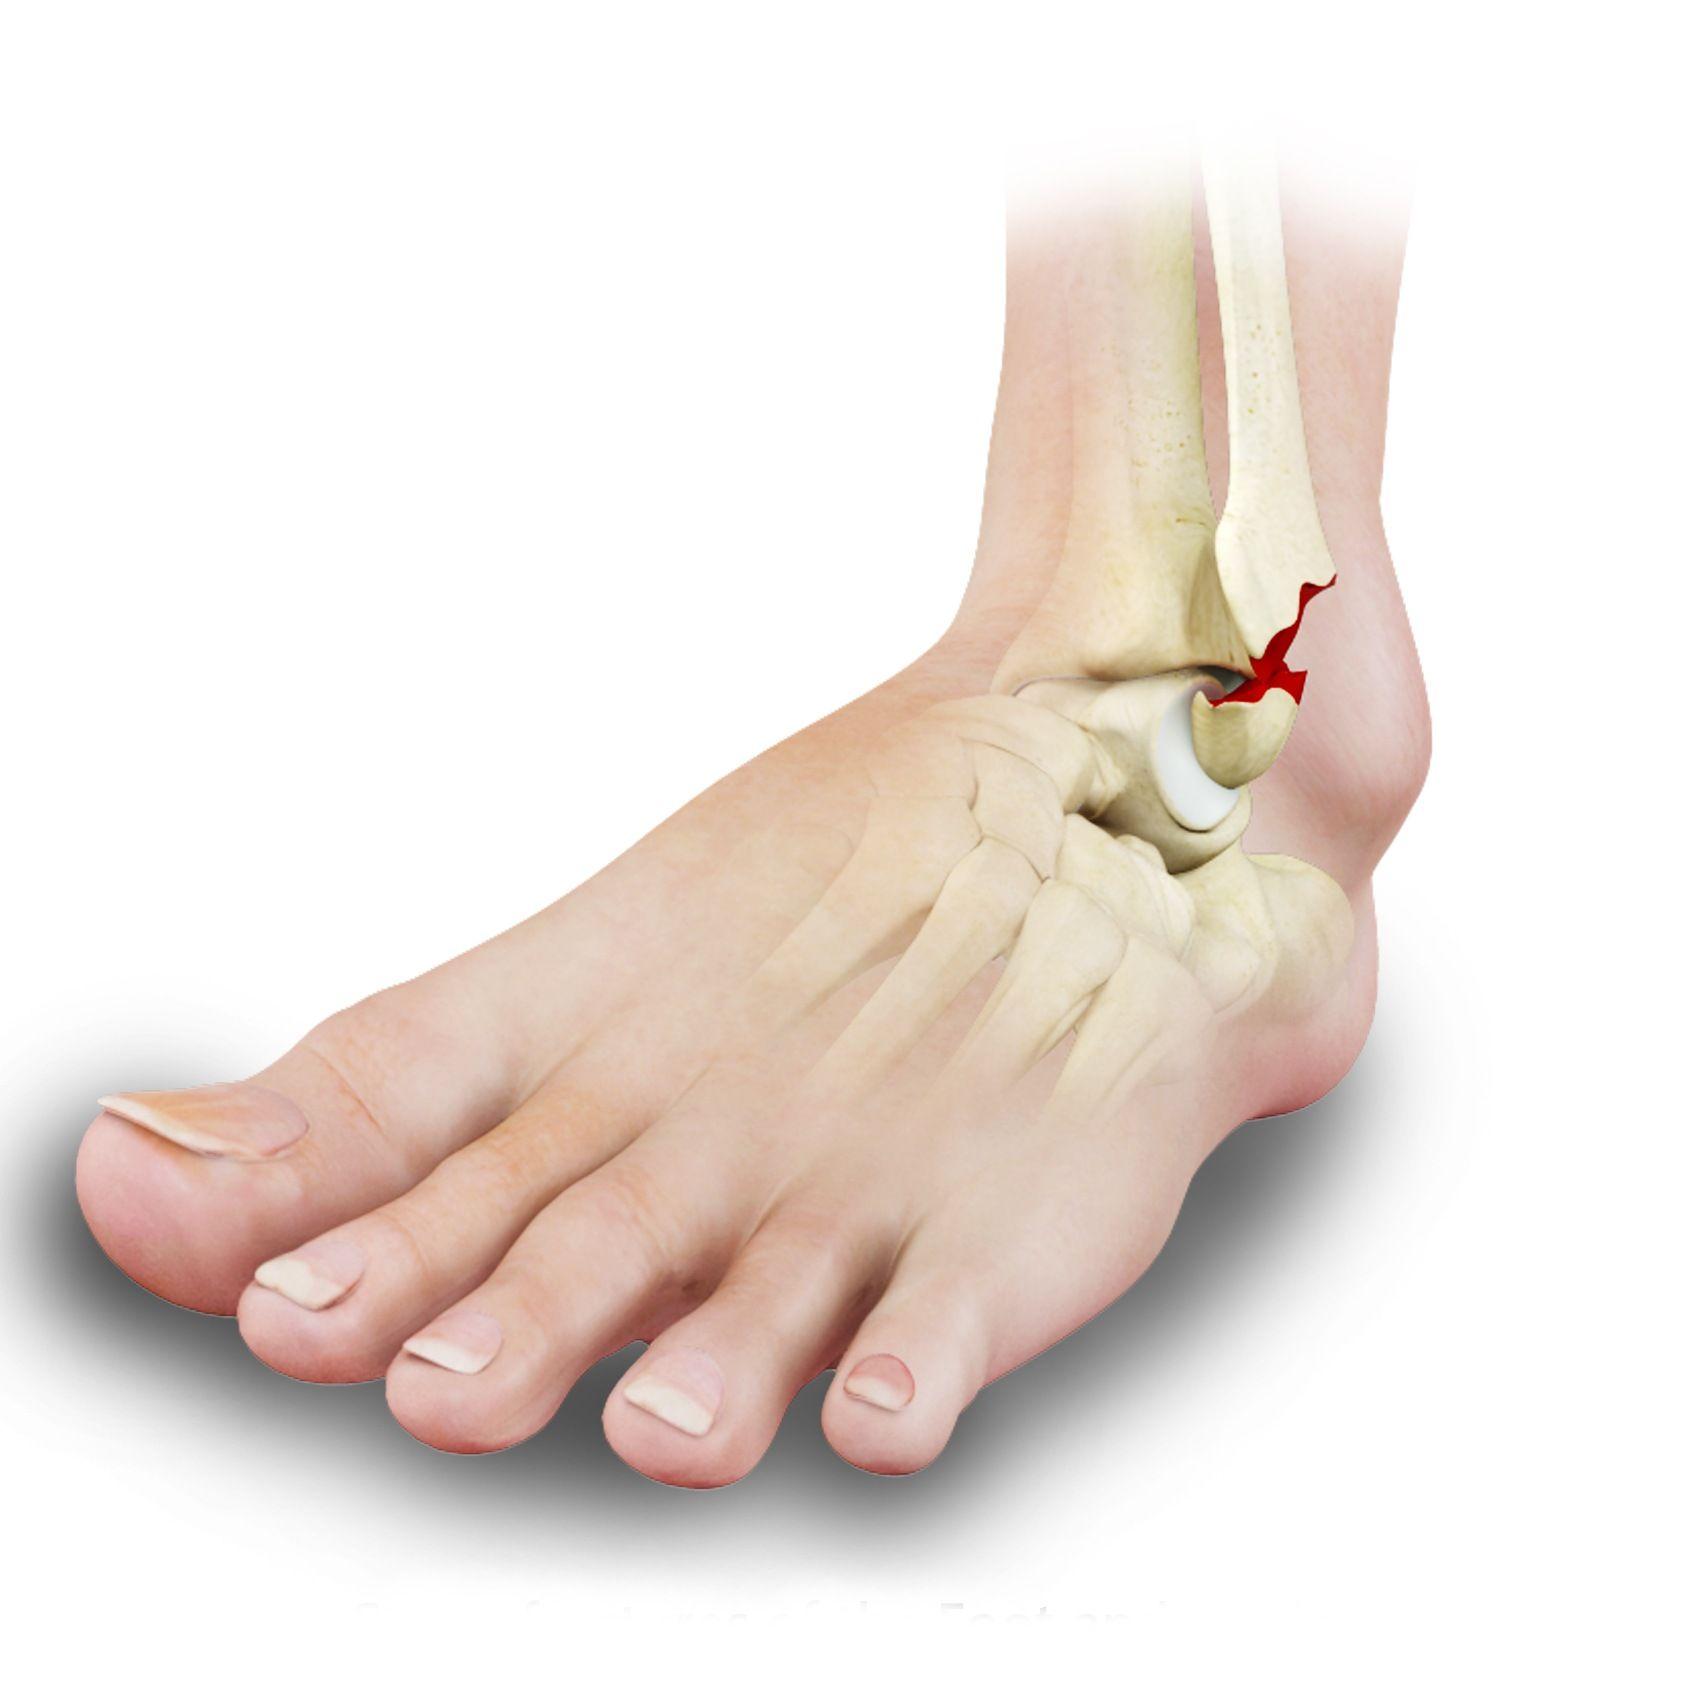 Ankle Fracture Repair Los Angeles Broken Ankle Glendale Pasadena